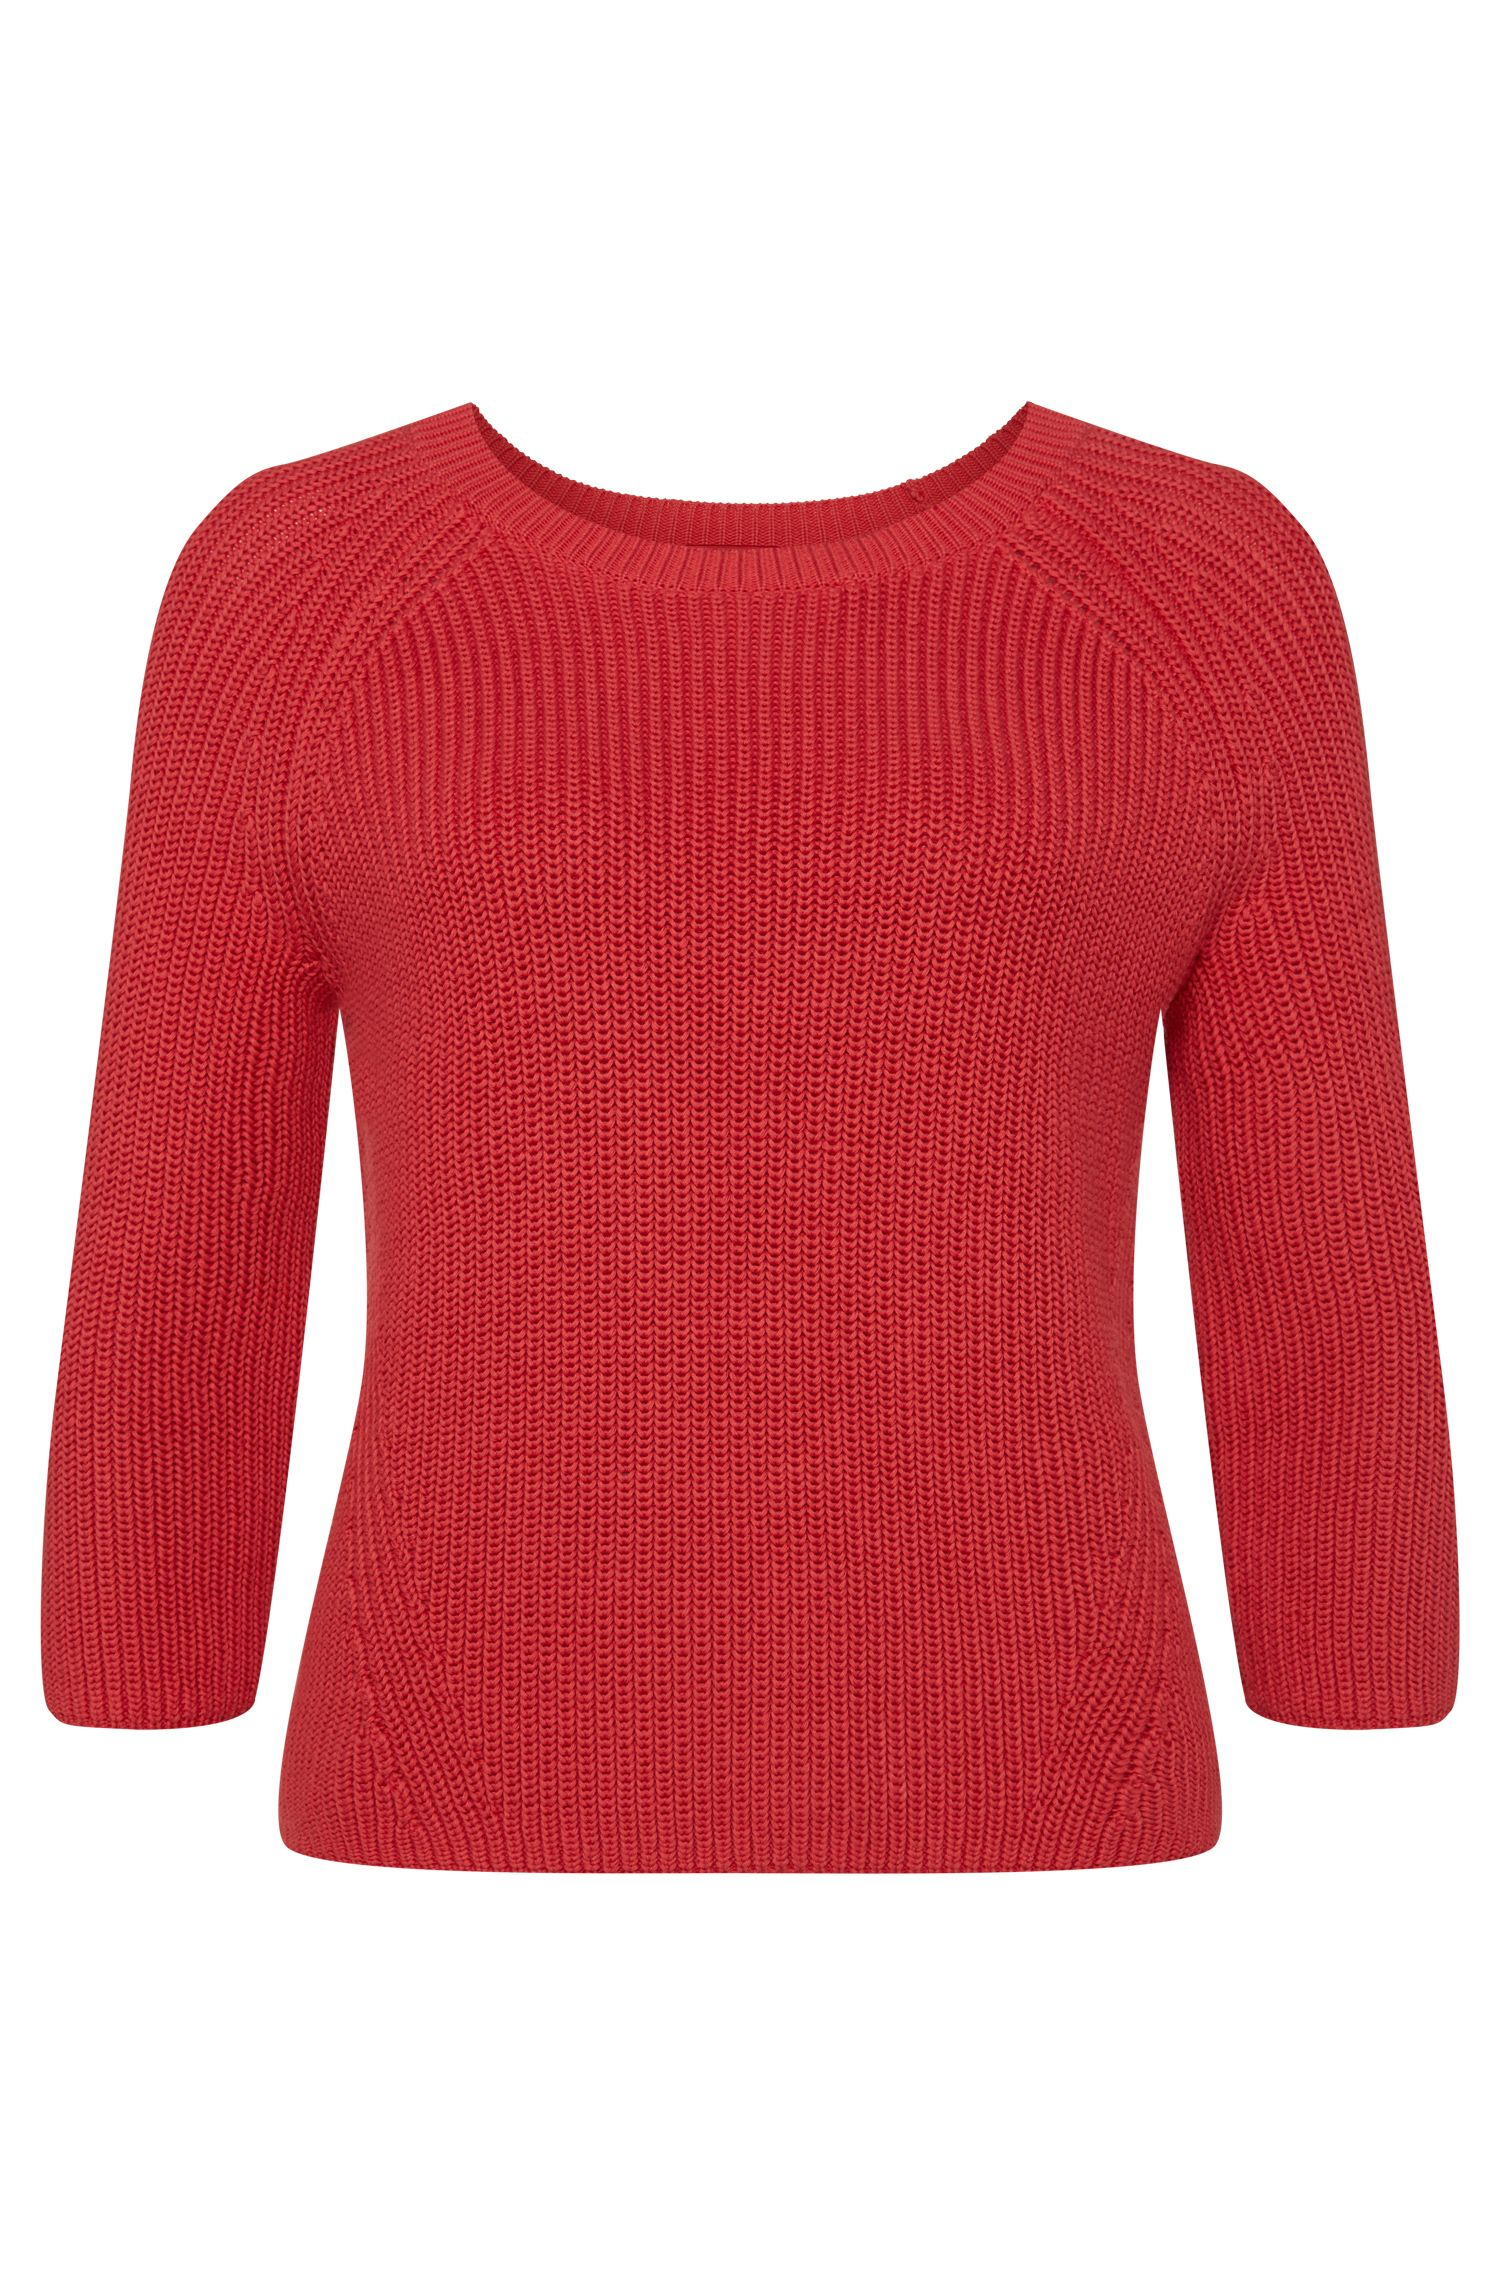 Unifarbener Pullover aus Baumwolle mit 3/4-Ärmeln: 'Seppia'